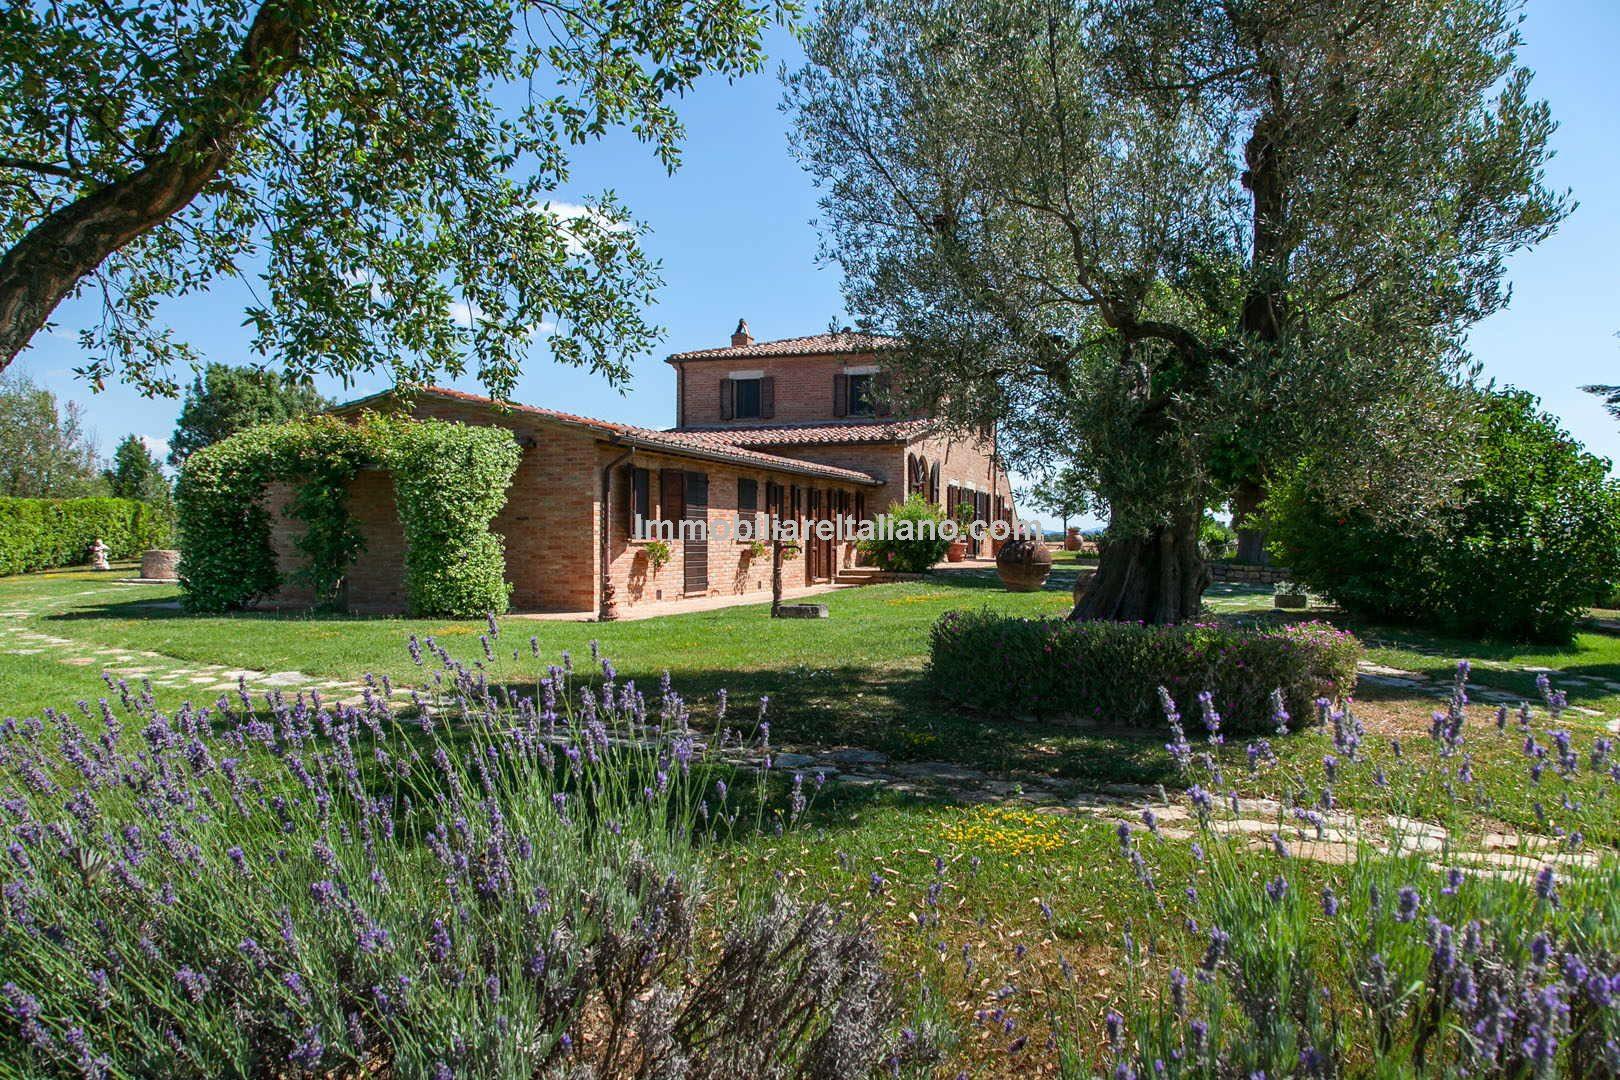 Restored 6 Bed Traditional Tuscan Farmhouse Immobiliare Italiano